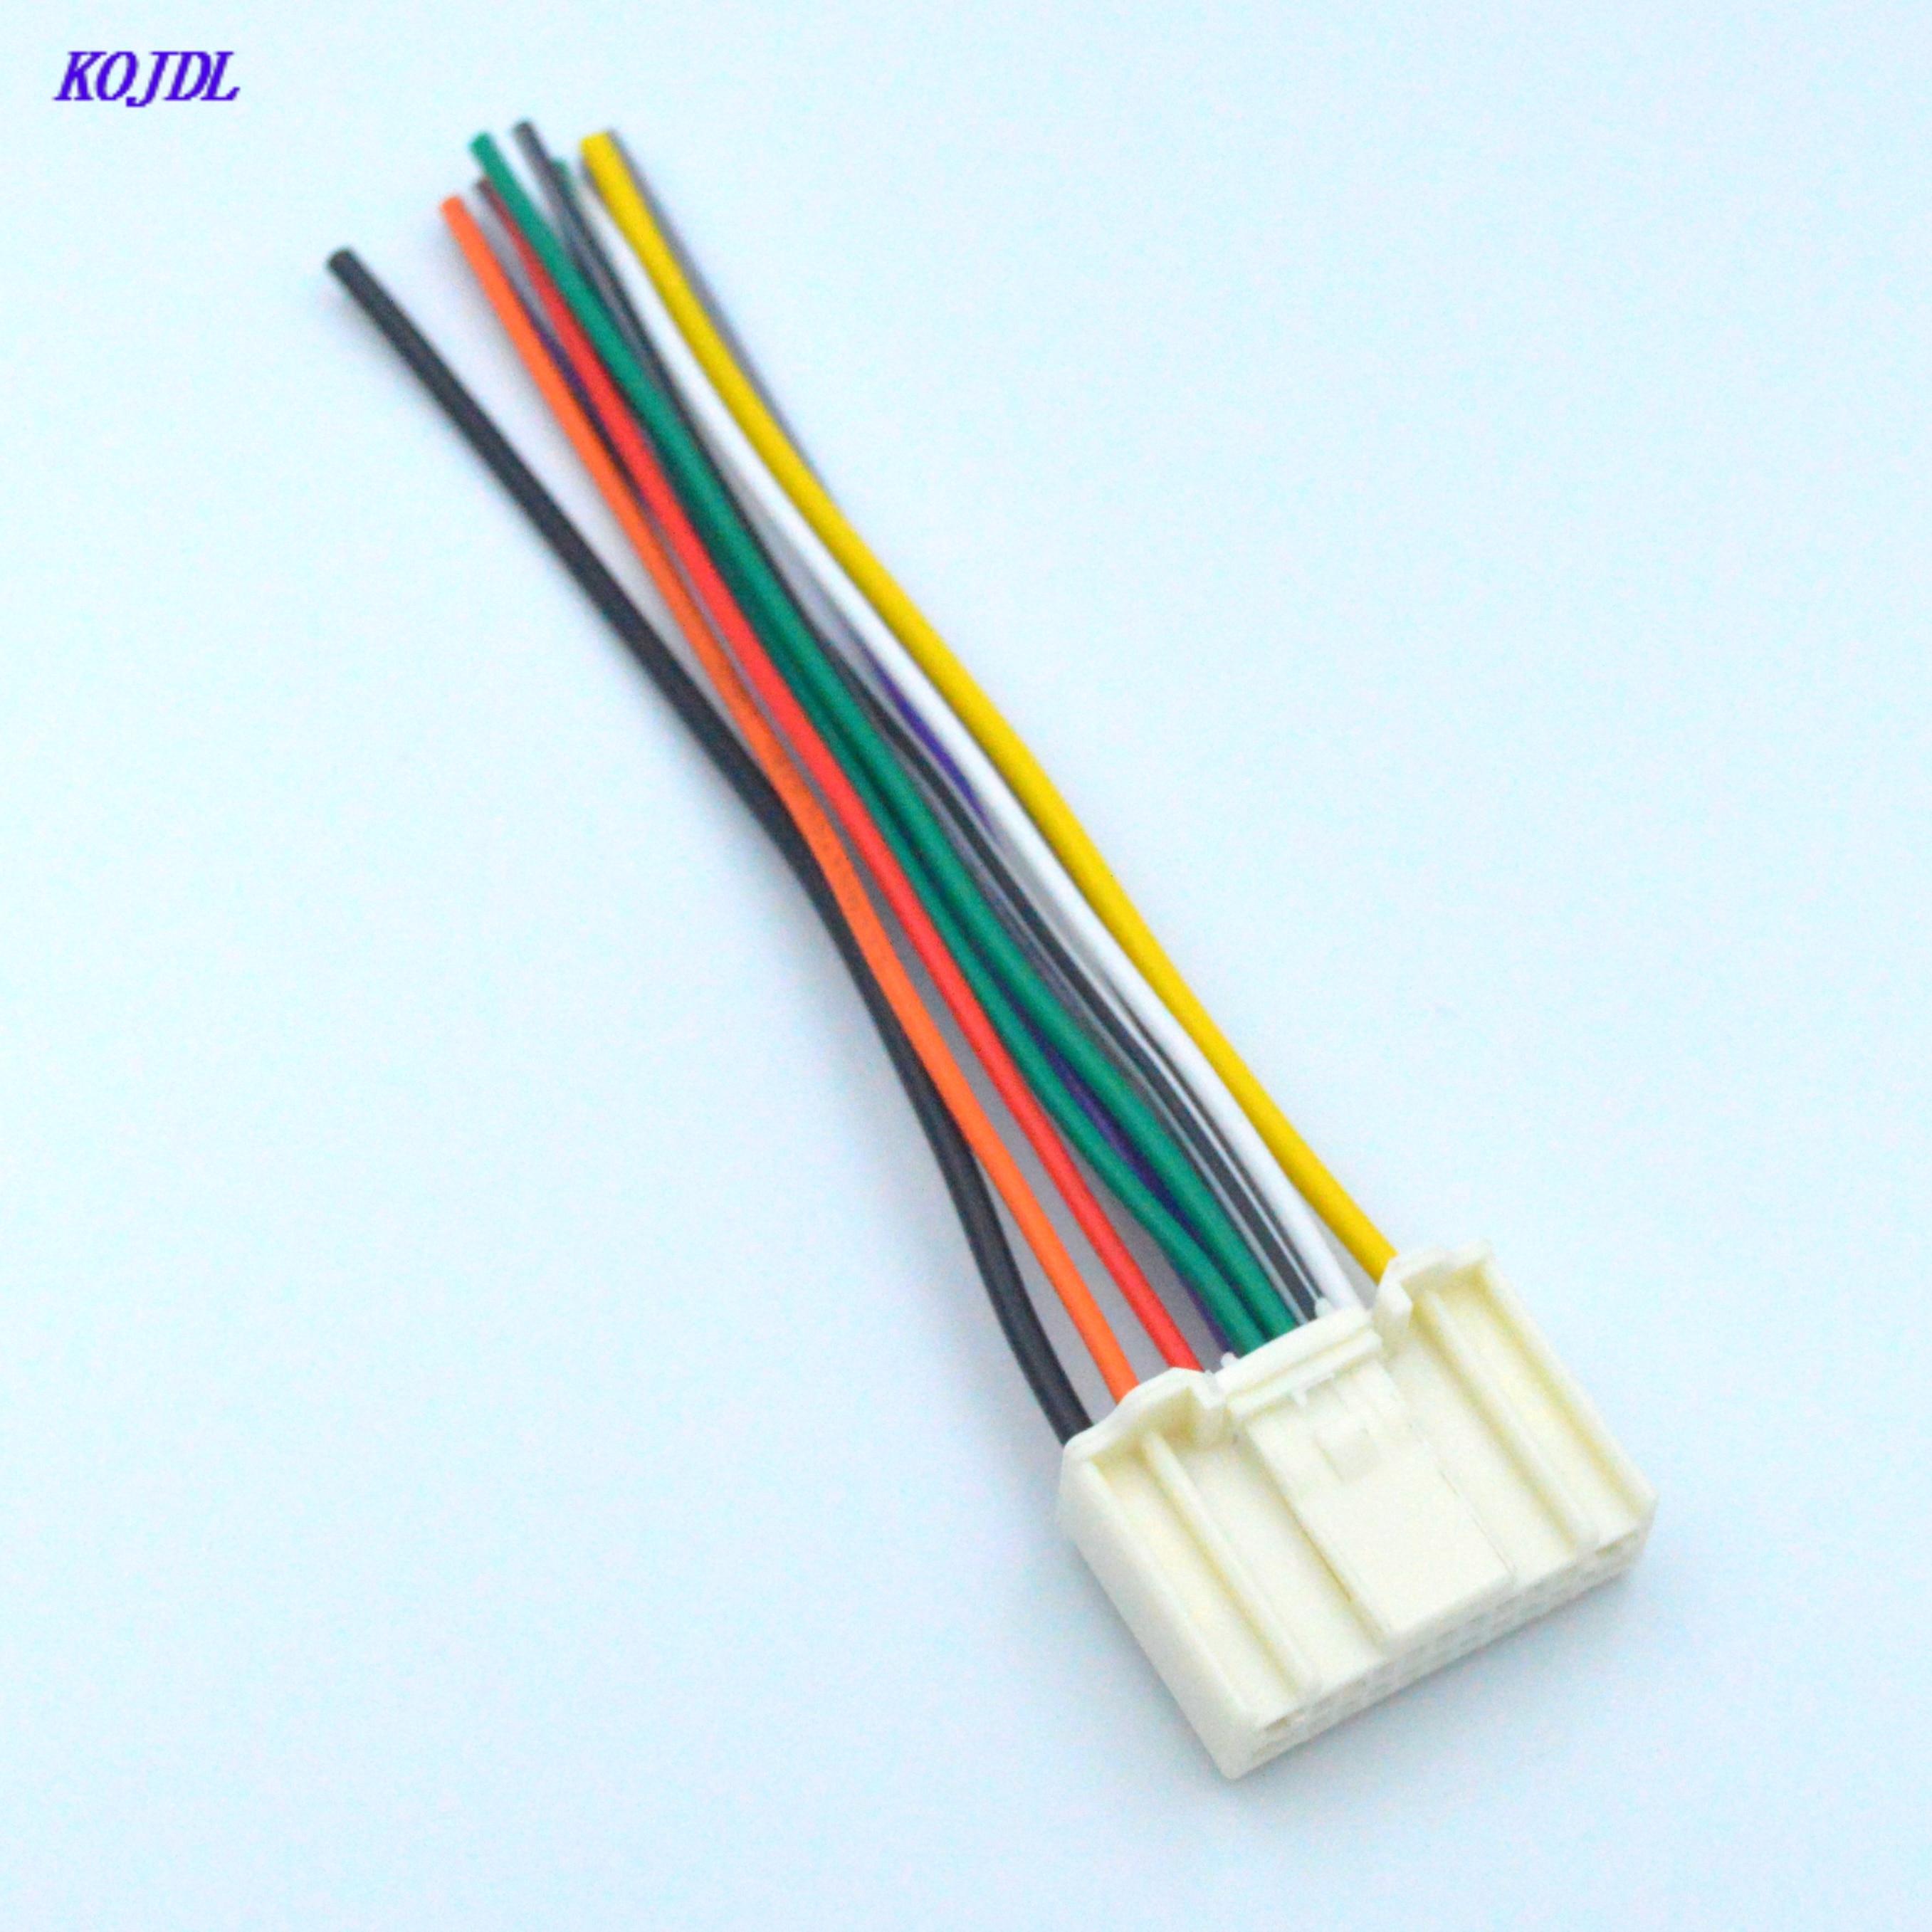 Автомобильный радиоприемник ISO стерео аудио жгут проводов адаптер разъем для CD проигрывателя для Nissan Subaru Infiniti OEM завод радио